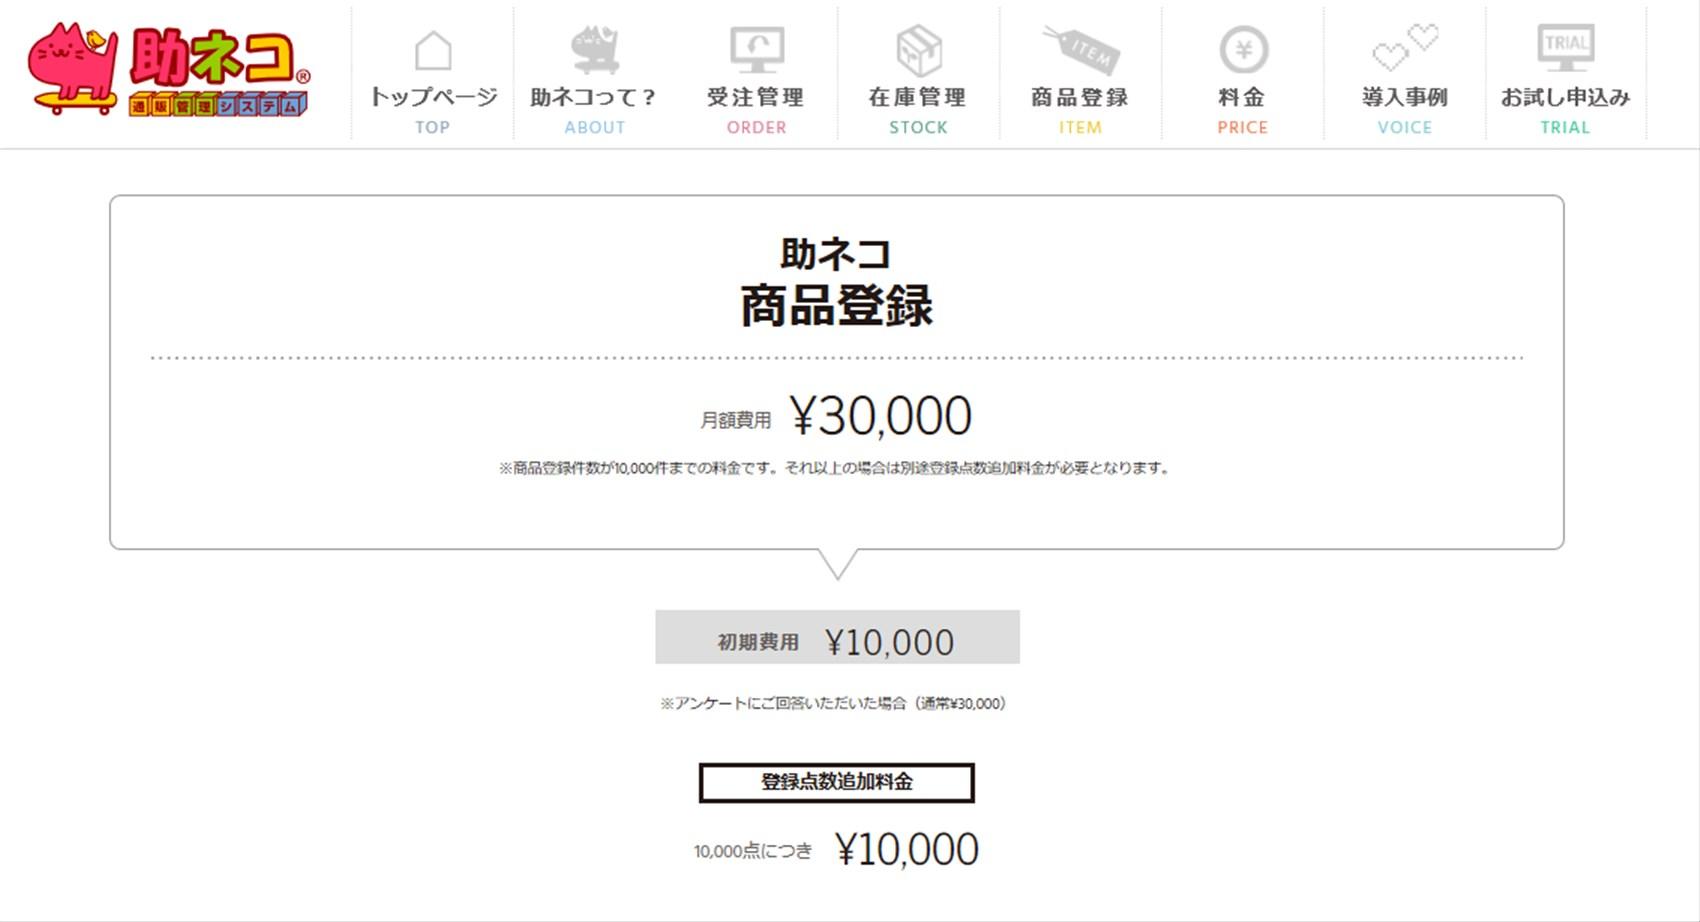 商品登録料金 (1)